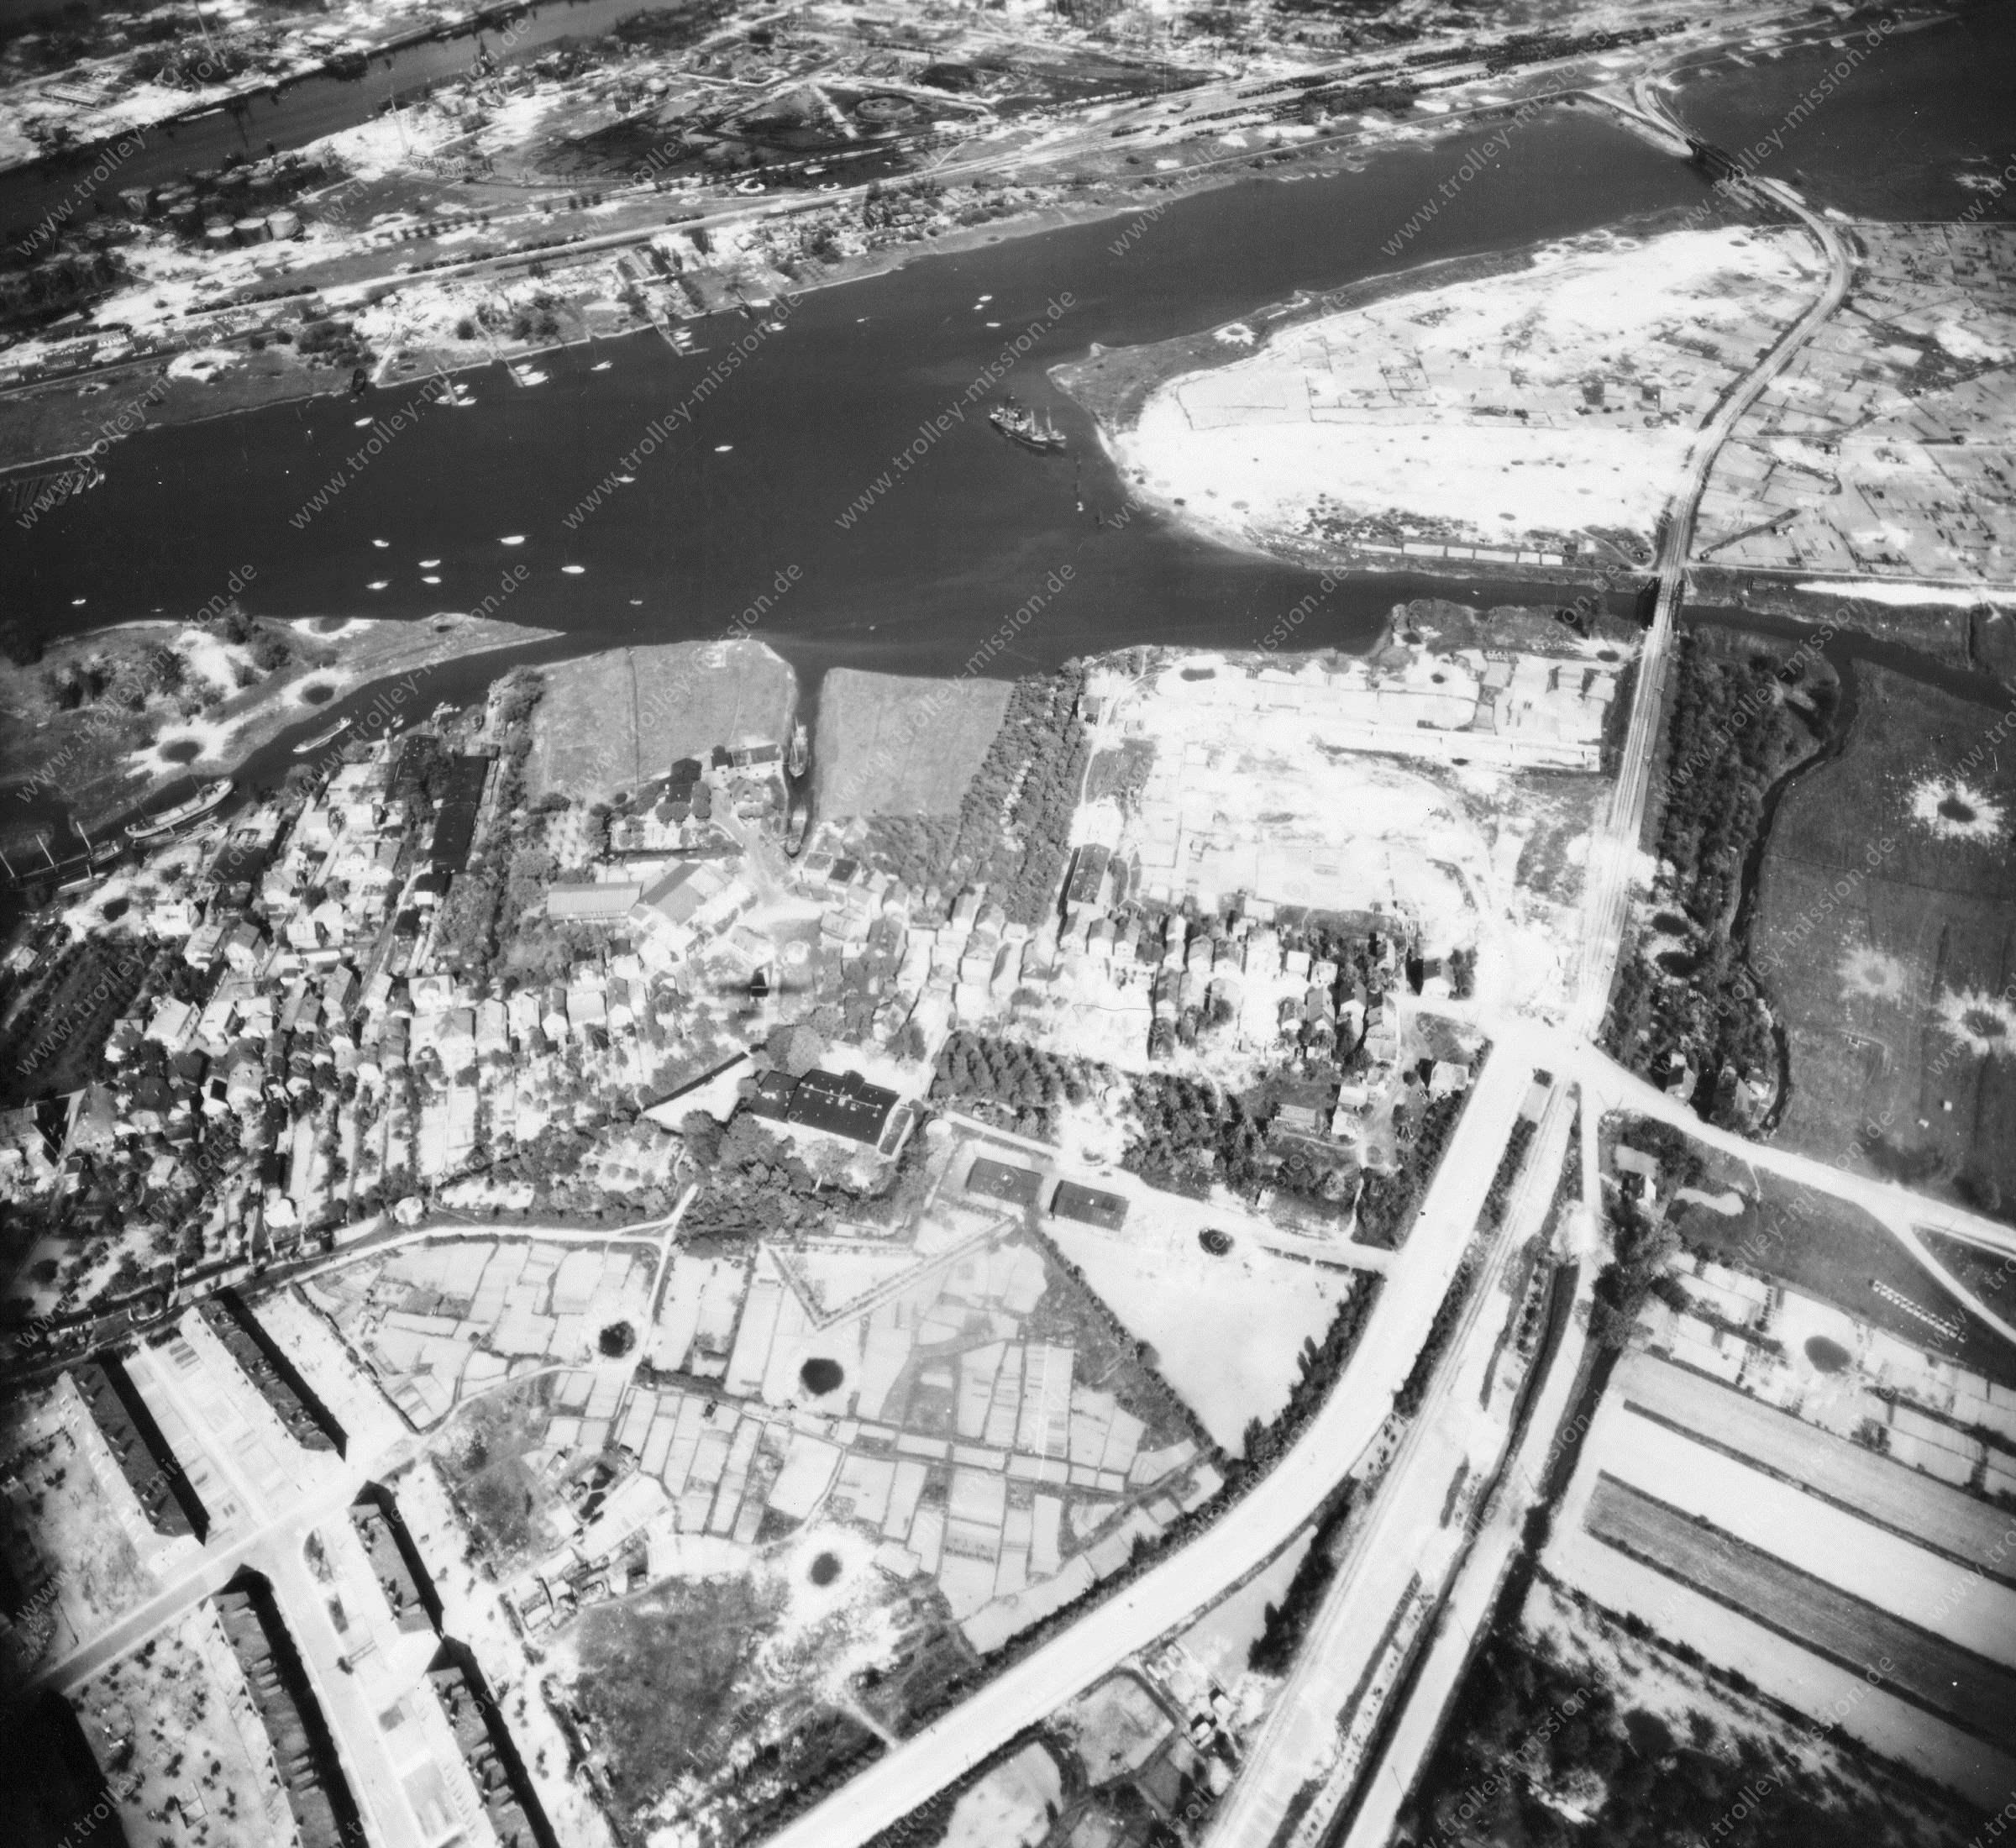 Luftbild von Hamburg und Hafen am 12. Mai 1945 - Luftbildserie 1/19 der US Air Force